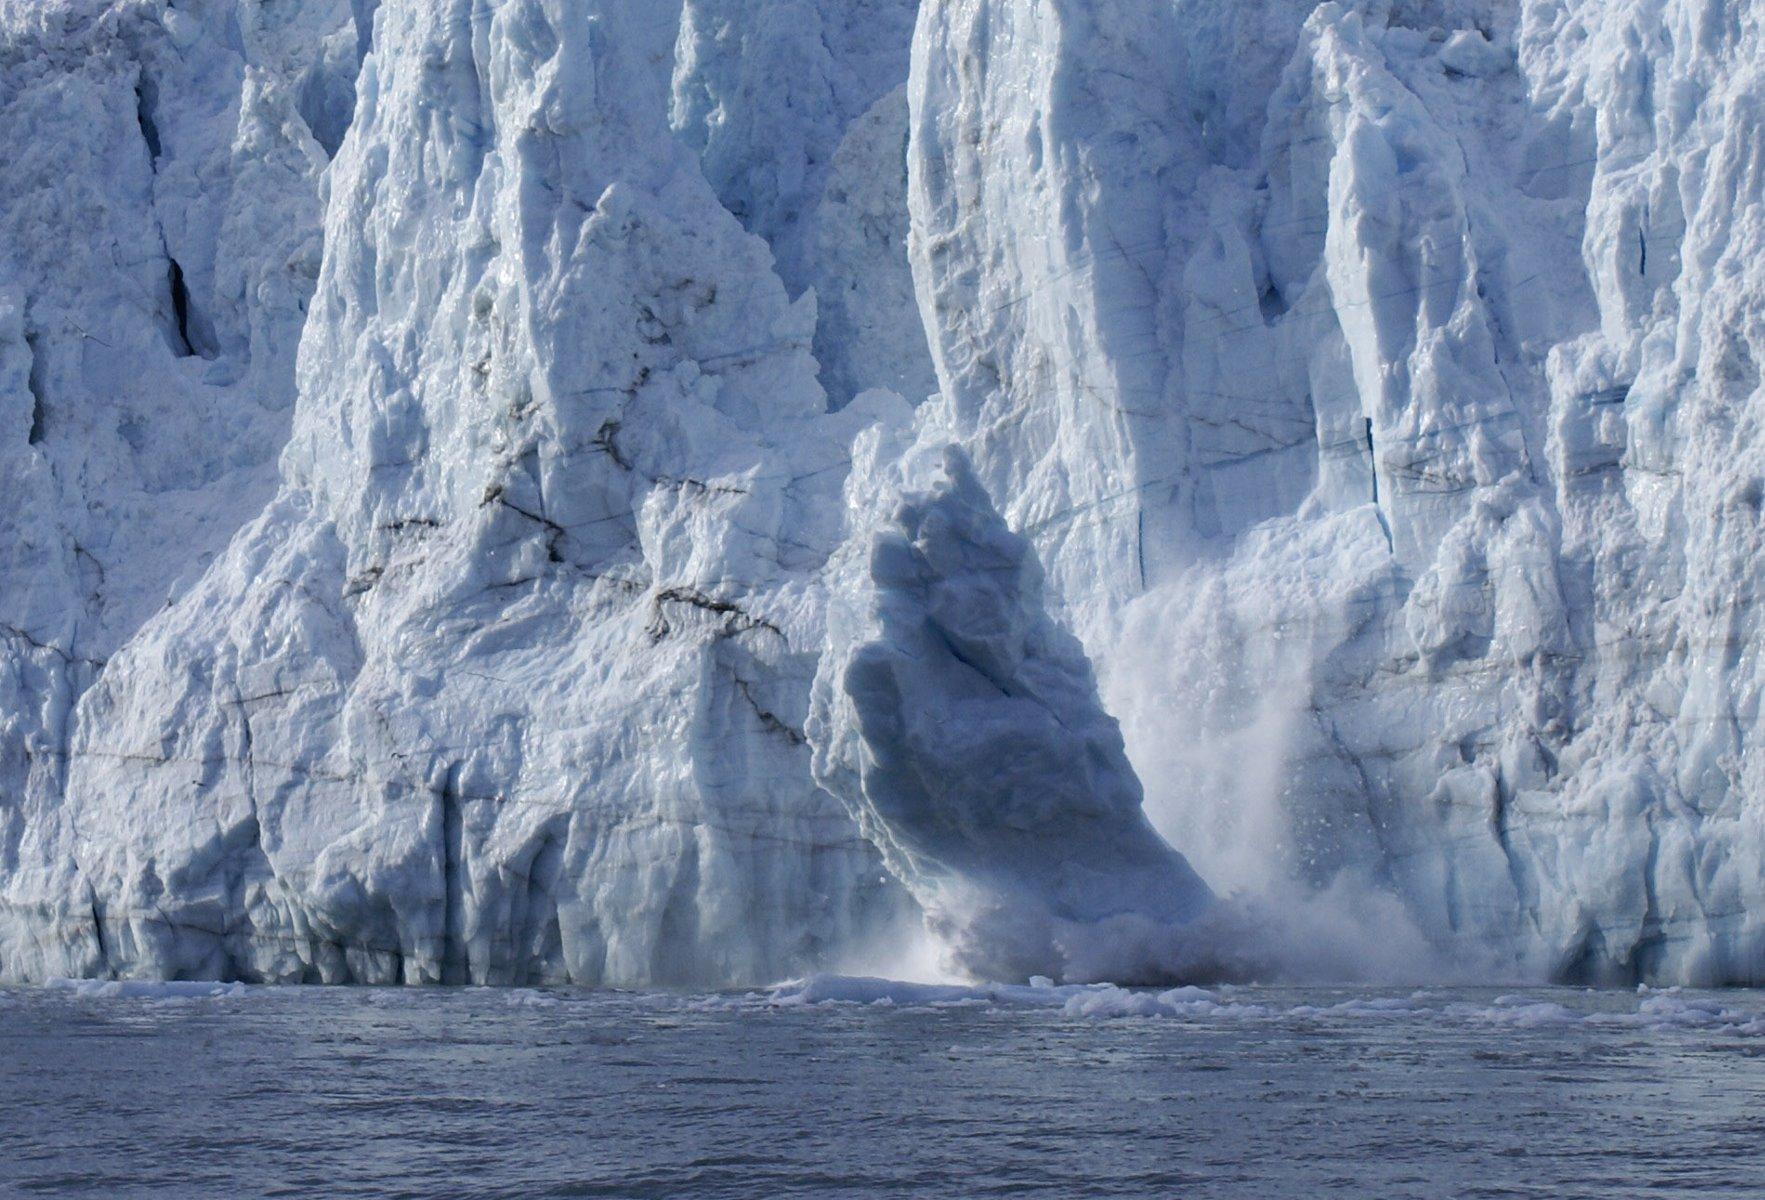 Margerie Glacier calving.